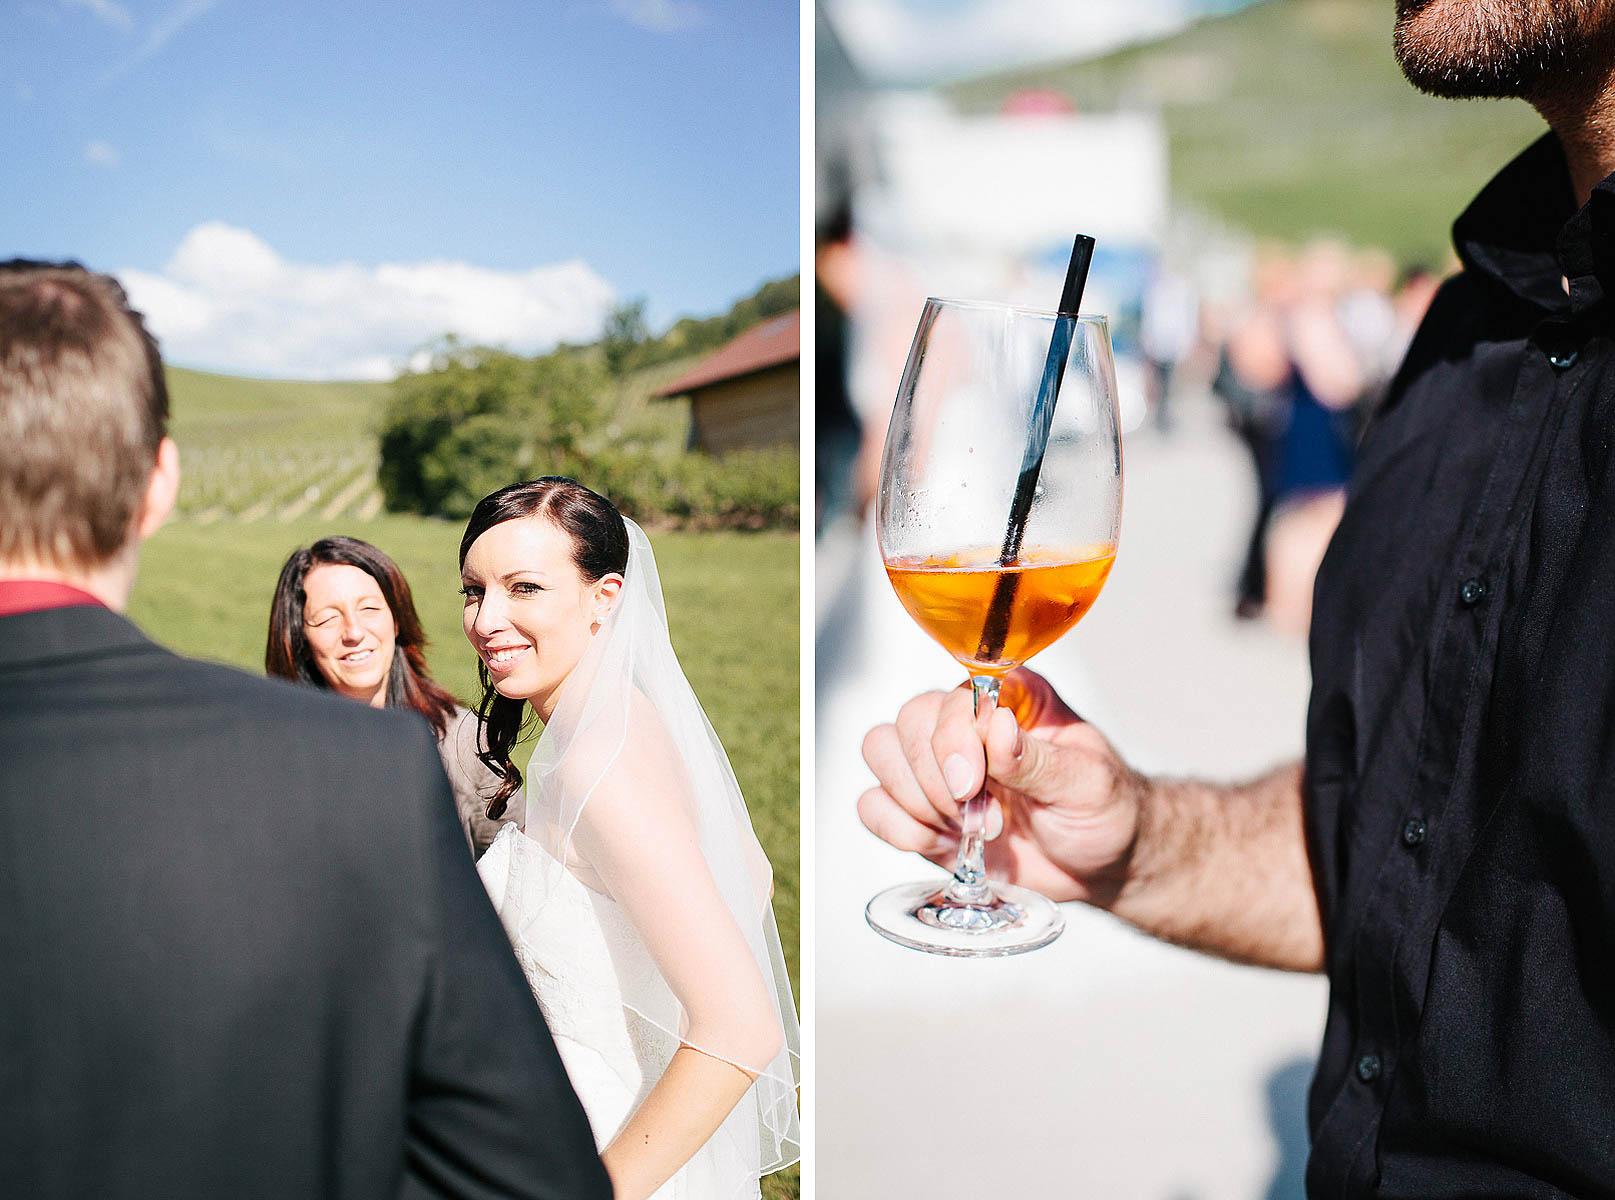 Hochzeitsfotograf Stuttgart Oliver Lichtblau Hochzeitsfilm Benni 6